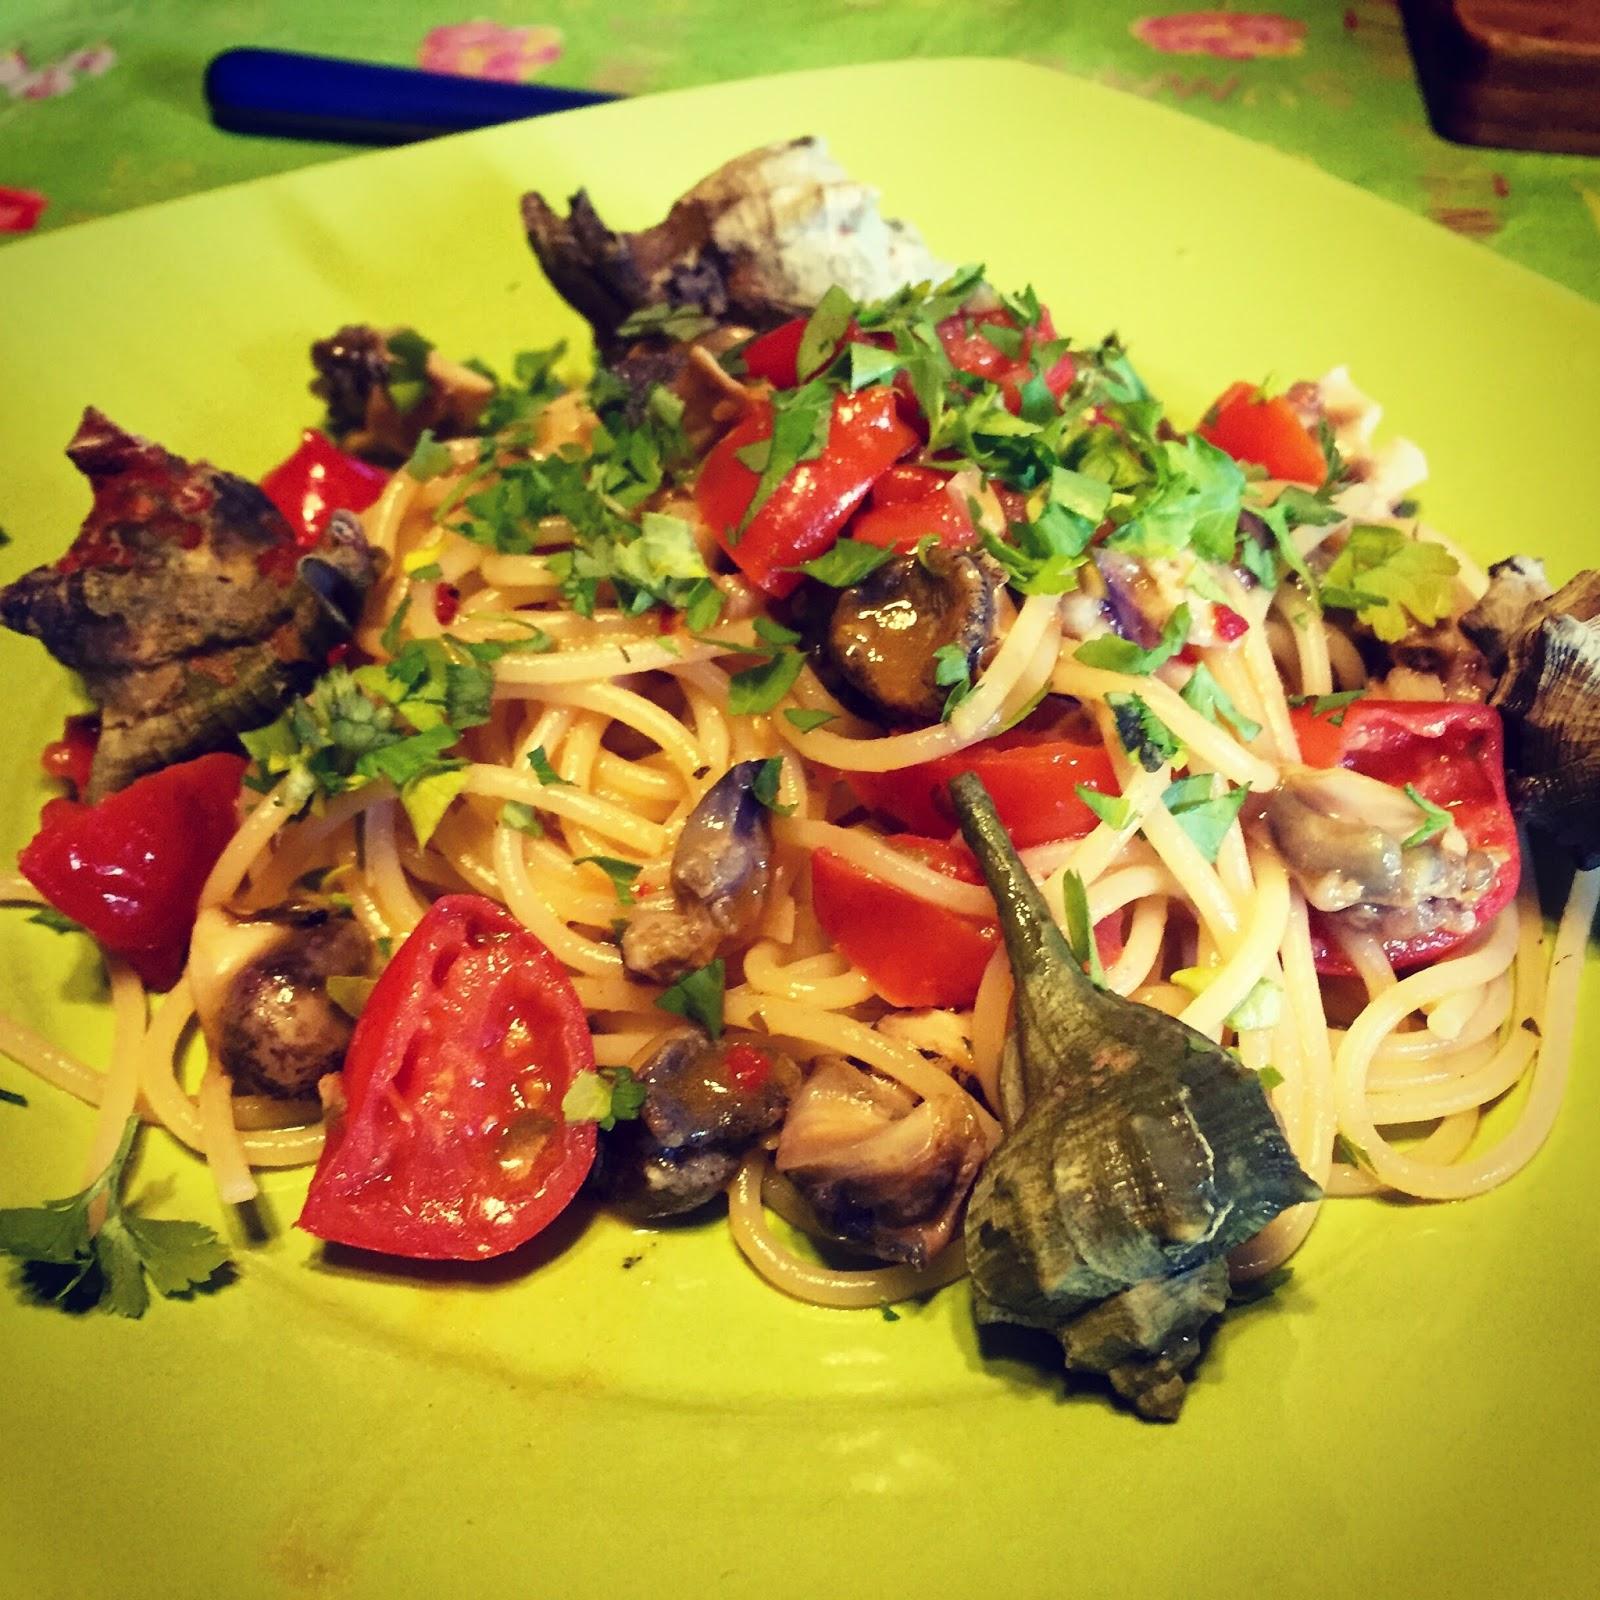 Sicilia in cucina, le ricette: Spaghetti con i bocconi di mare ...